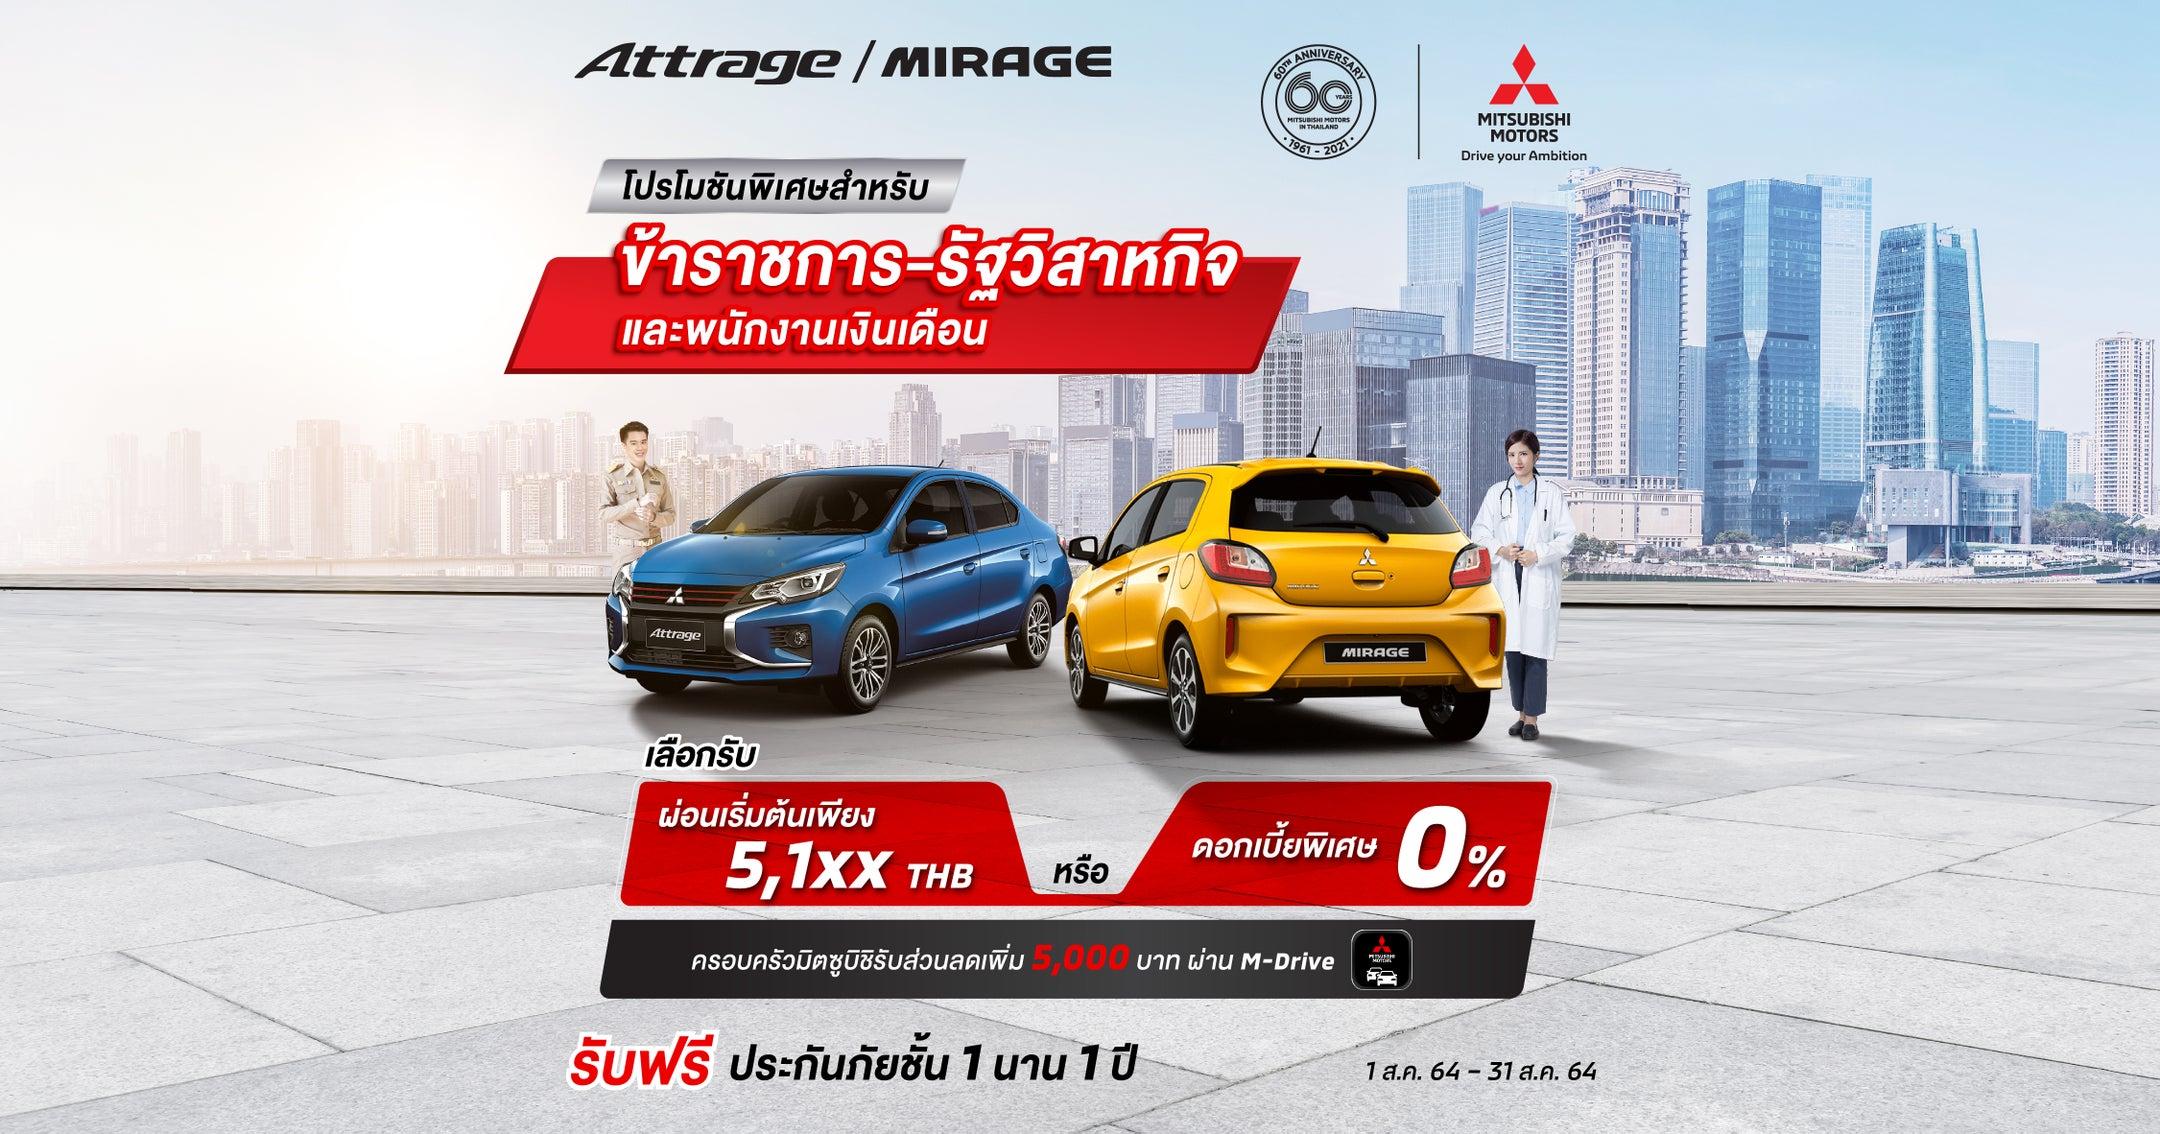 New Attrage and New Mirage ผ่อนเริ่มต้นเพียง 5,1XX บาท